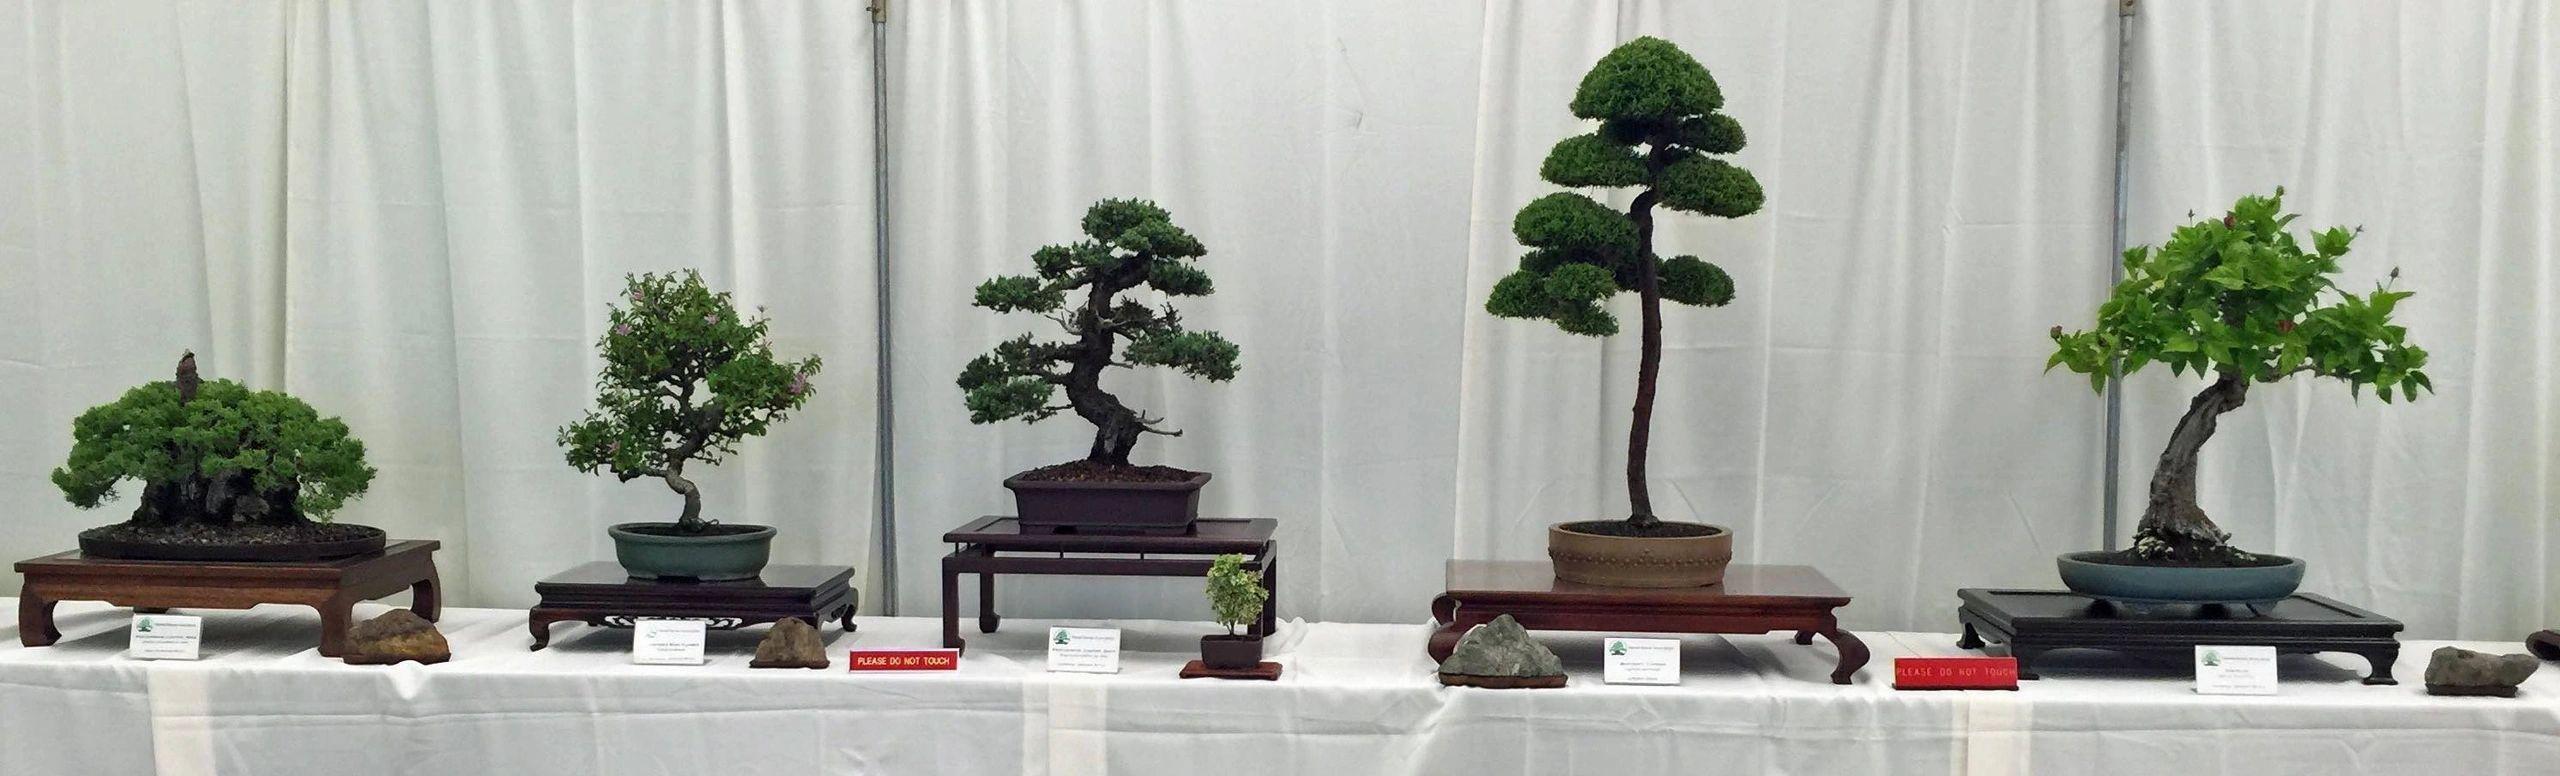 Hba Hawaii Bonsai Association